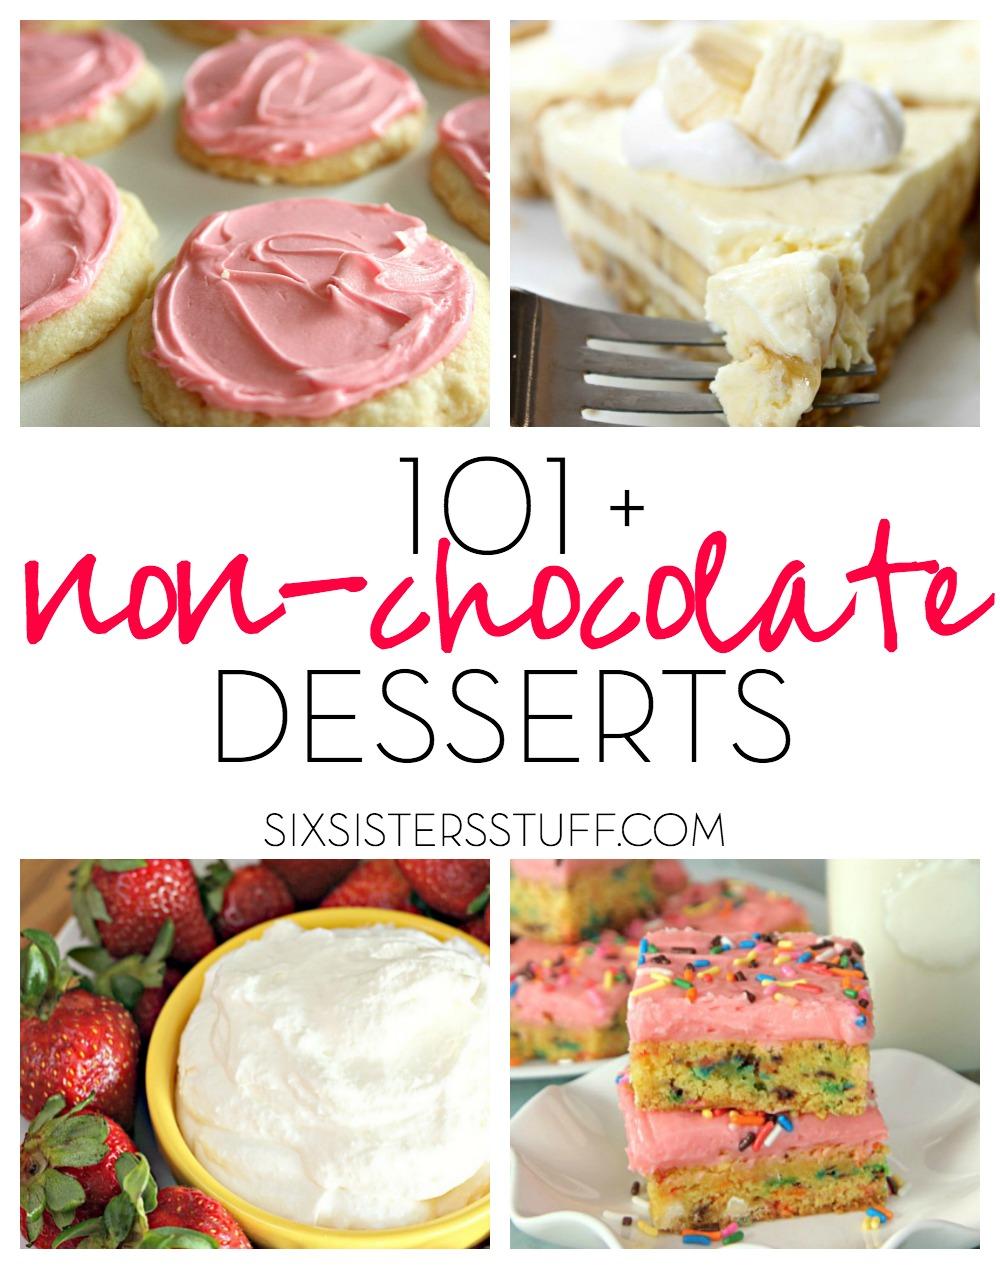 101+ Non-Chocolate Desserts